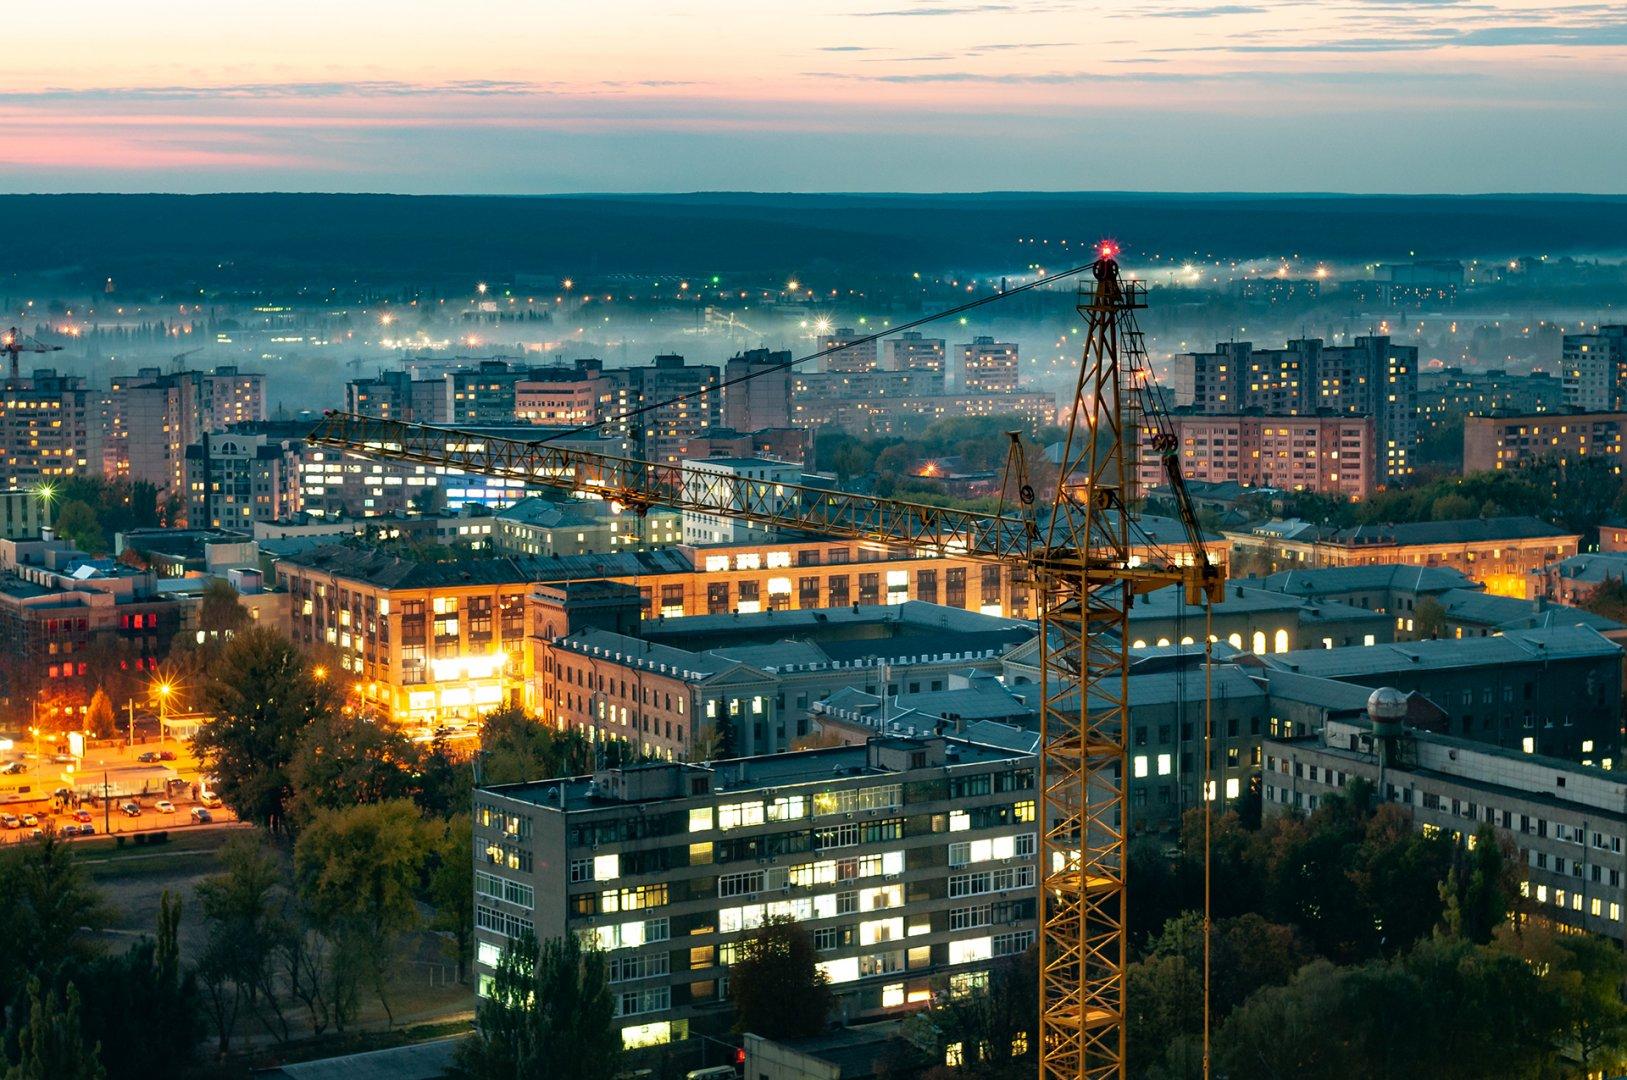 HDR Fotoğraf Örneği Manzarası Şehir.jpg